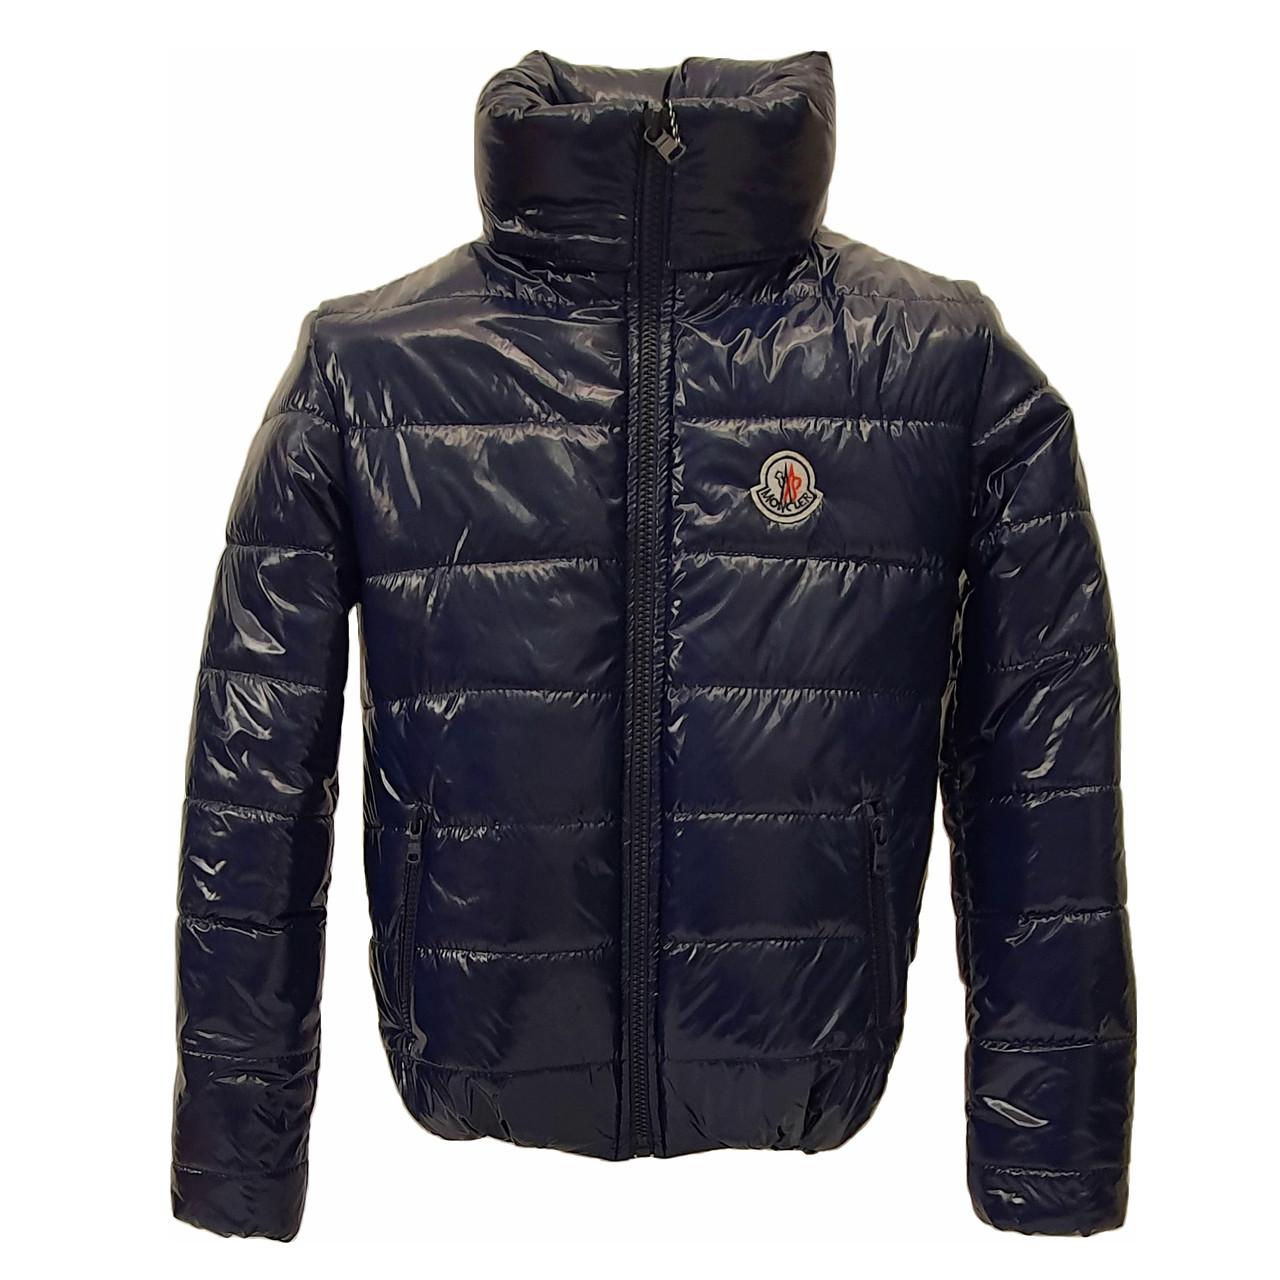 Куртка дутик жіноча демісезонна, багато кольорів, модель Світу Лак, Синя, розмір 42-48